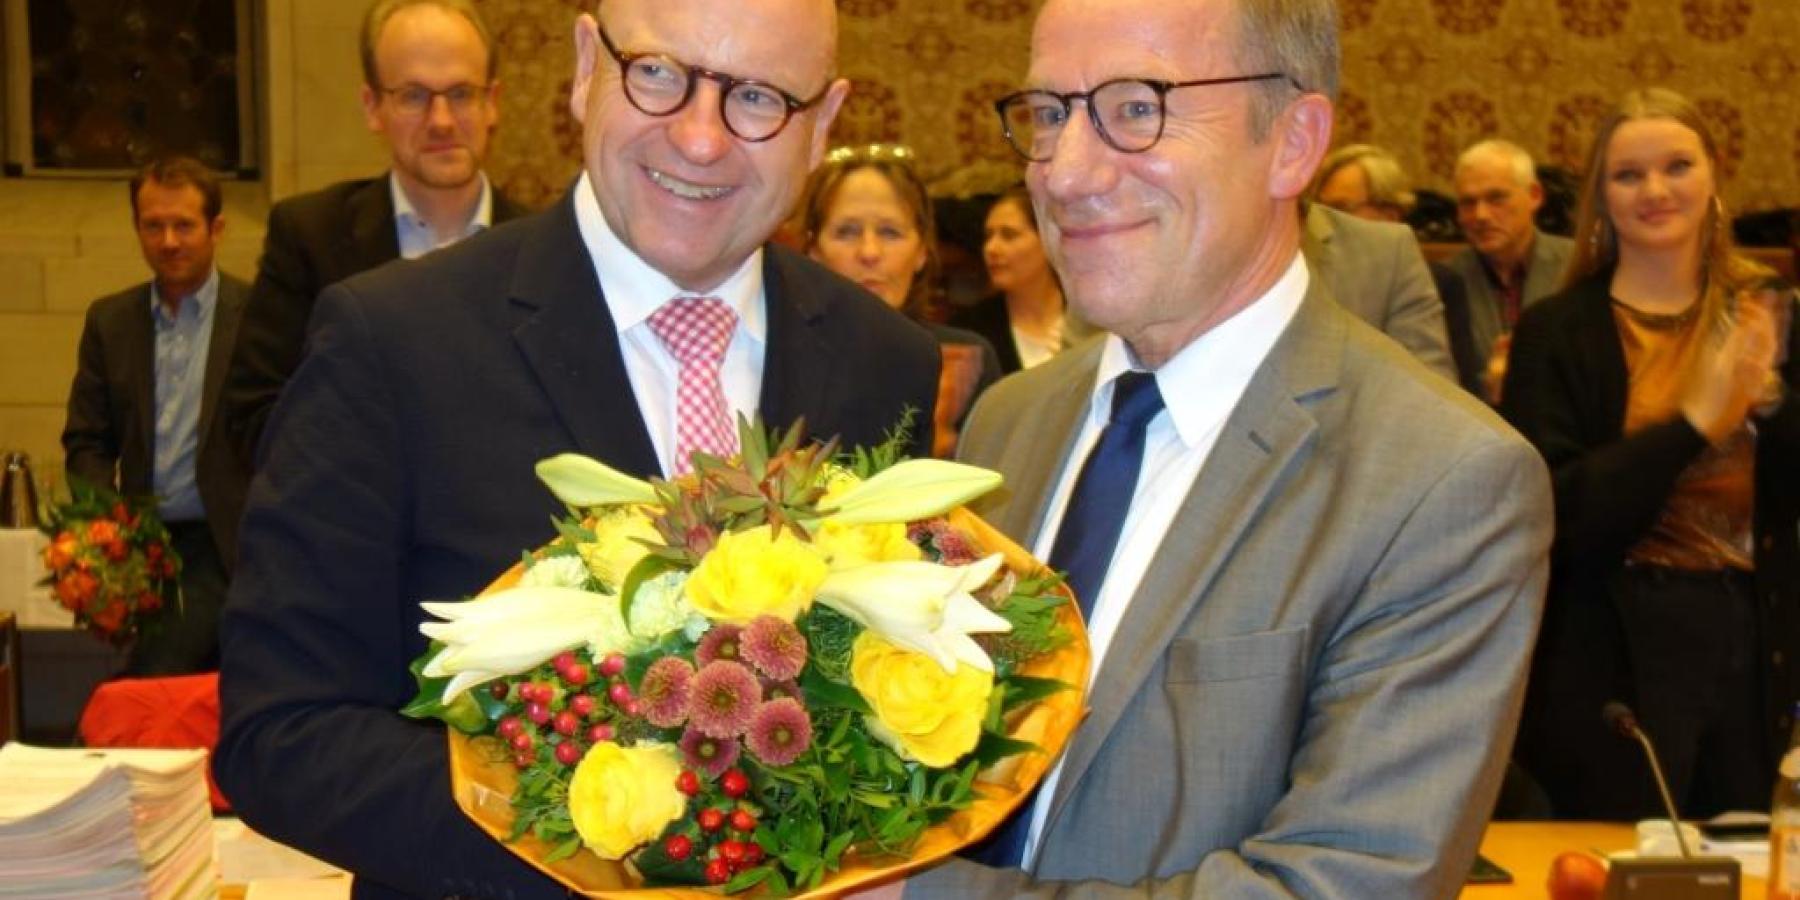 Wolfgang Heuer bleibt Beigeordneter der Stadt